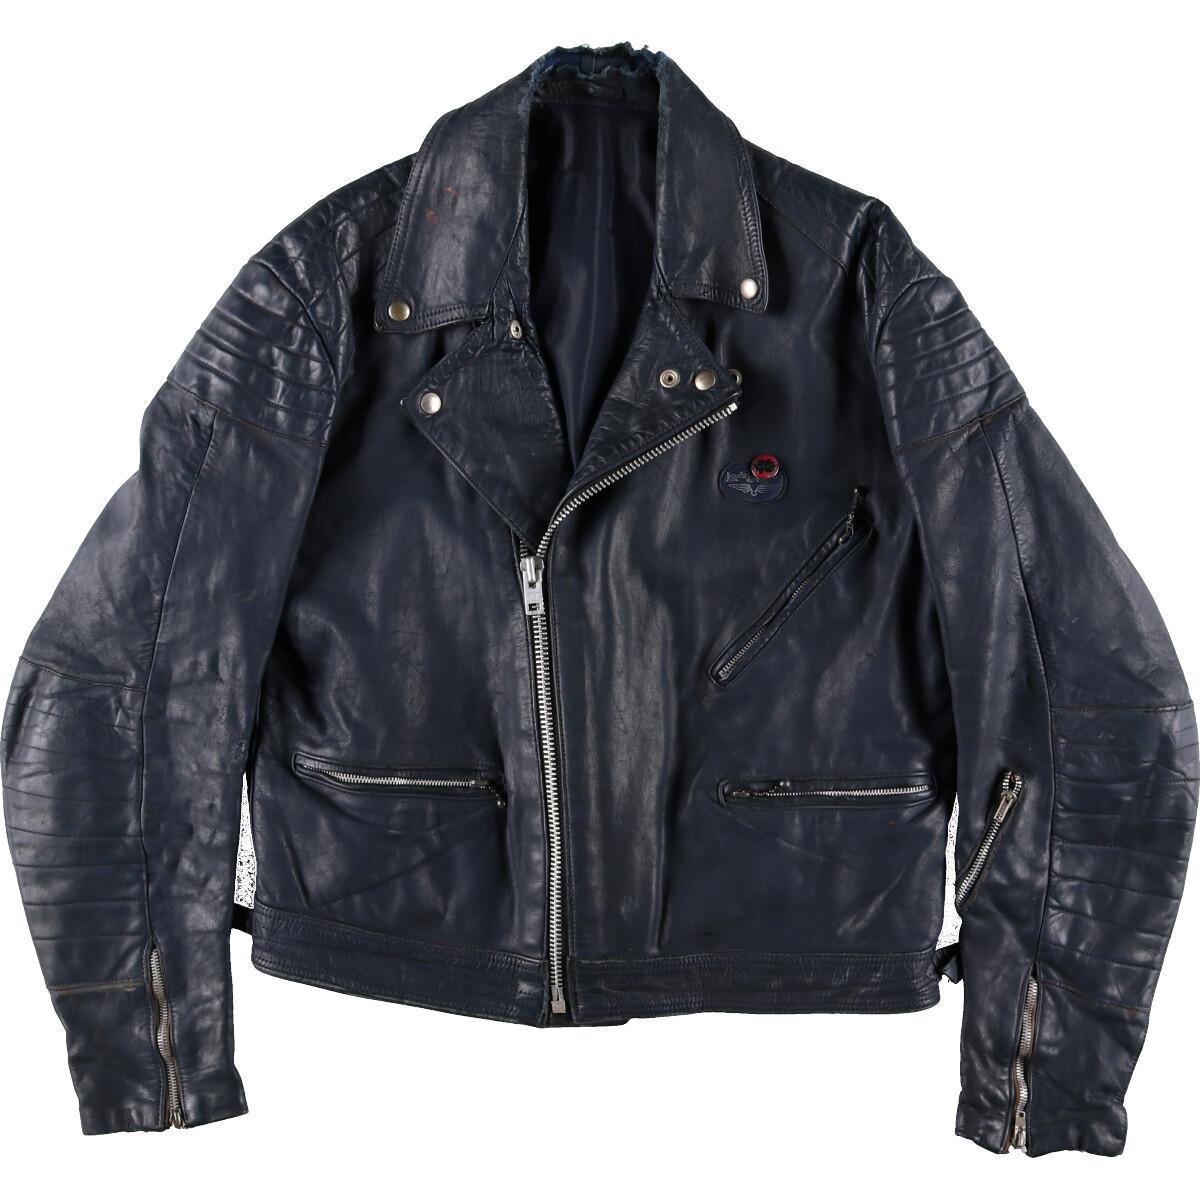 メンズファッション, コート・ジャケット 70 Lewis Leathers EUROPE L eaa067055 200727